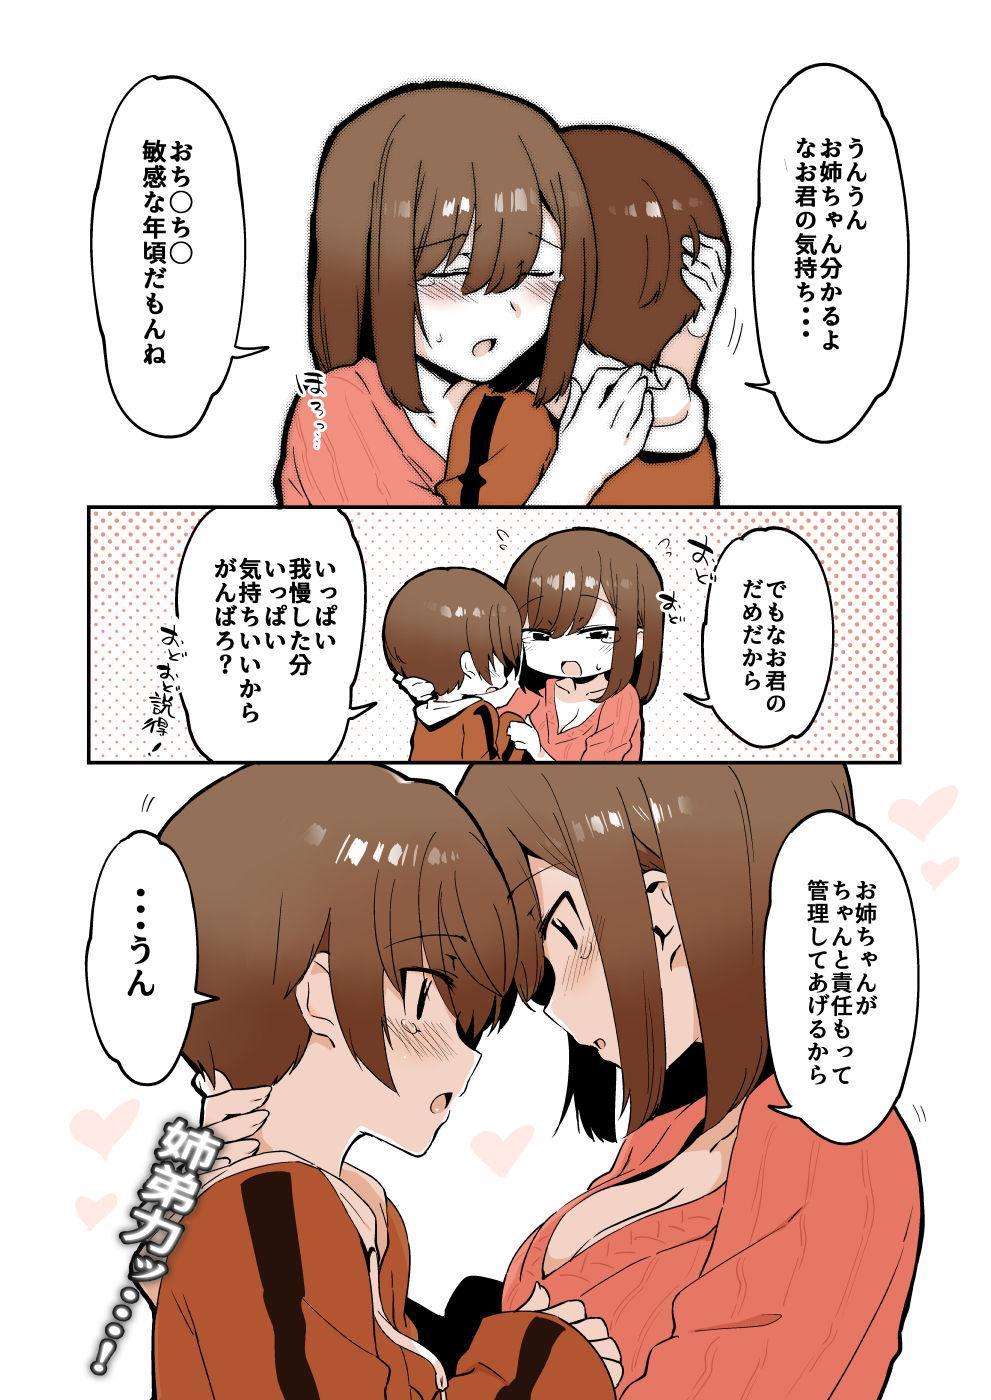 Odoodo Shitei no Odo Love Shasei Kanri 22